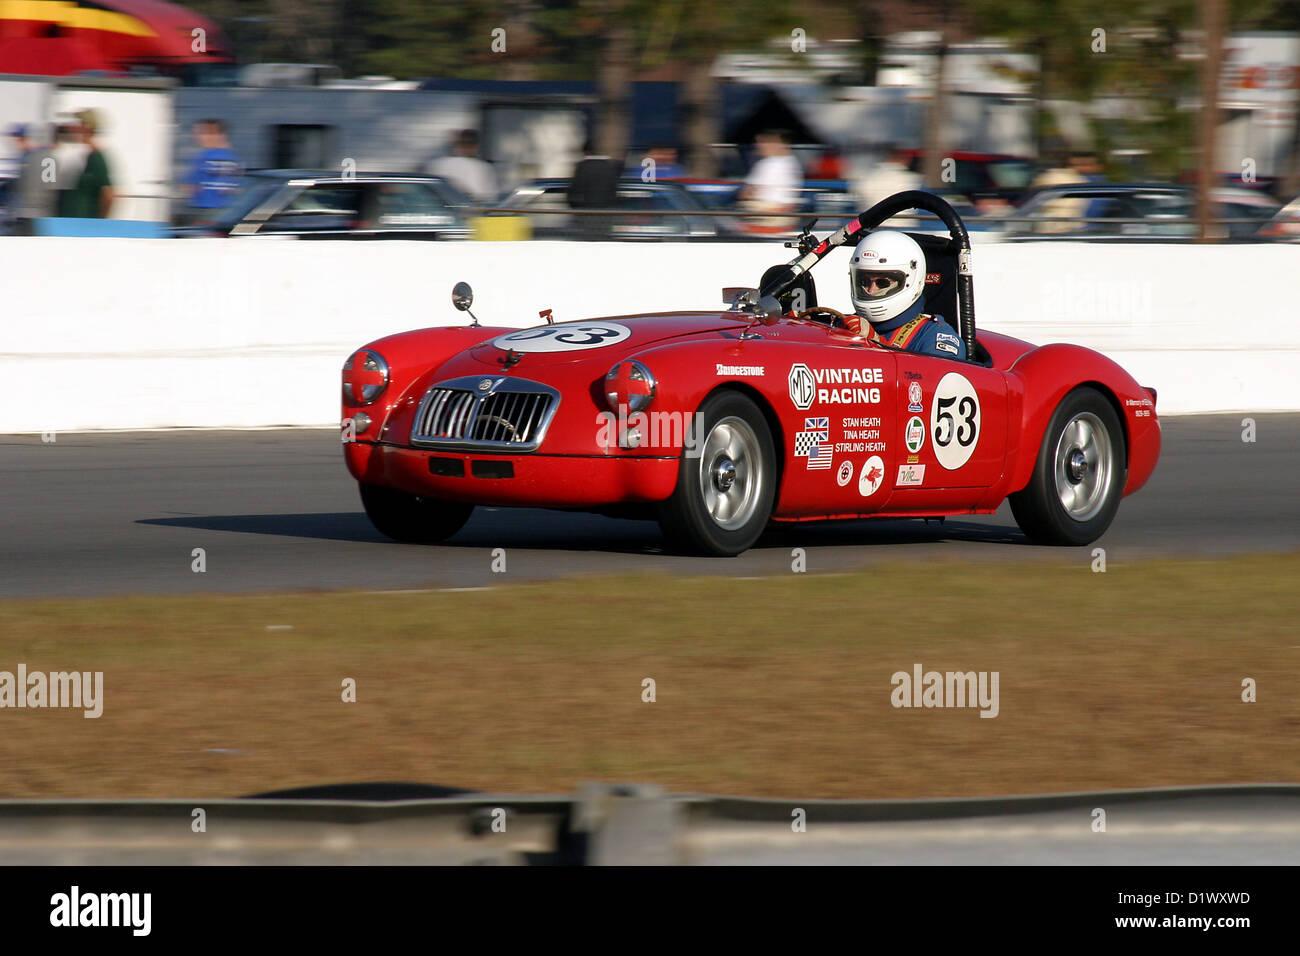 Vintage racing MGA während eines Ereignisses VDCA Raceway Roebling Straße, in der Nähe von Savannah, Stockbild